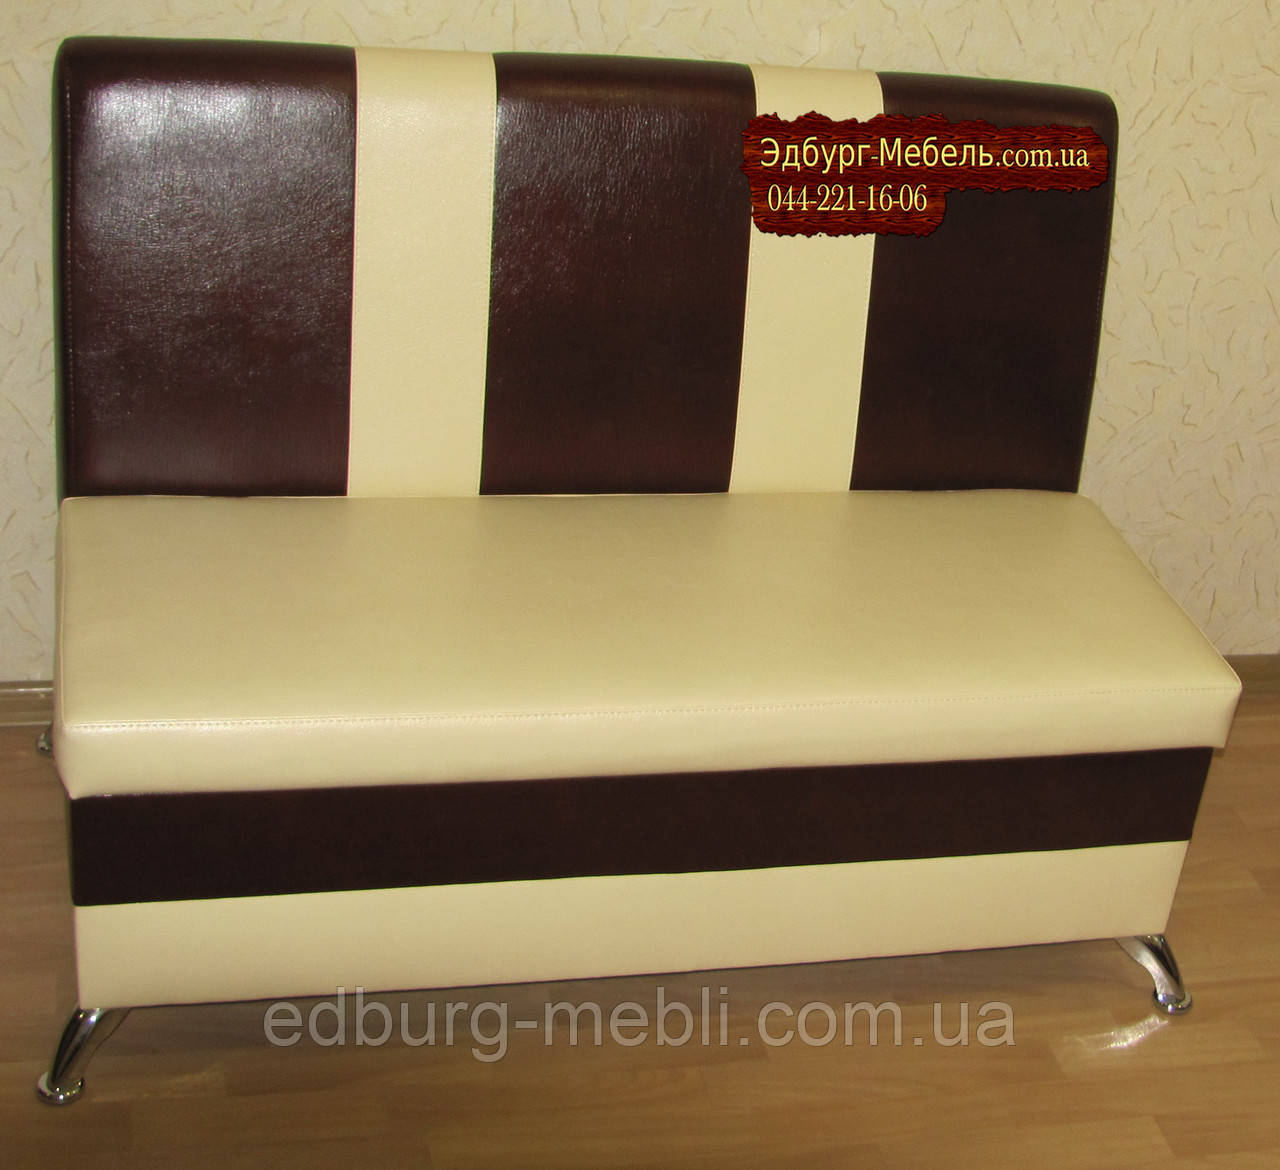 Диван для кафе расцветка Пражский торт 4